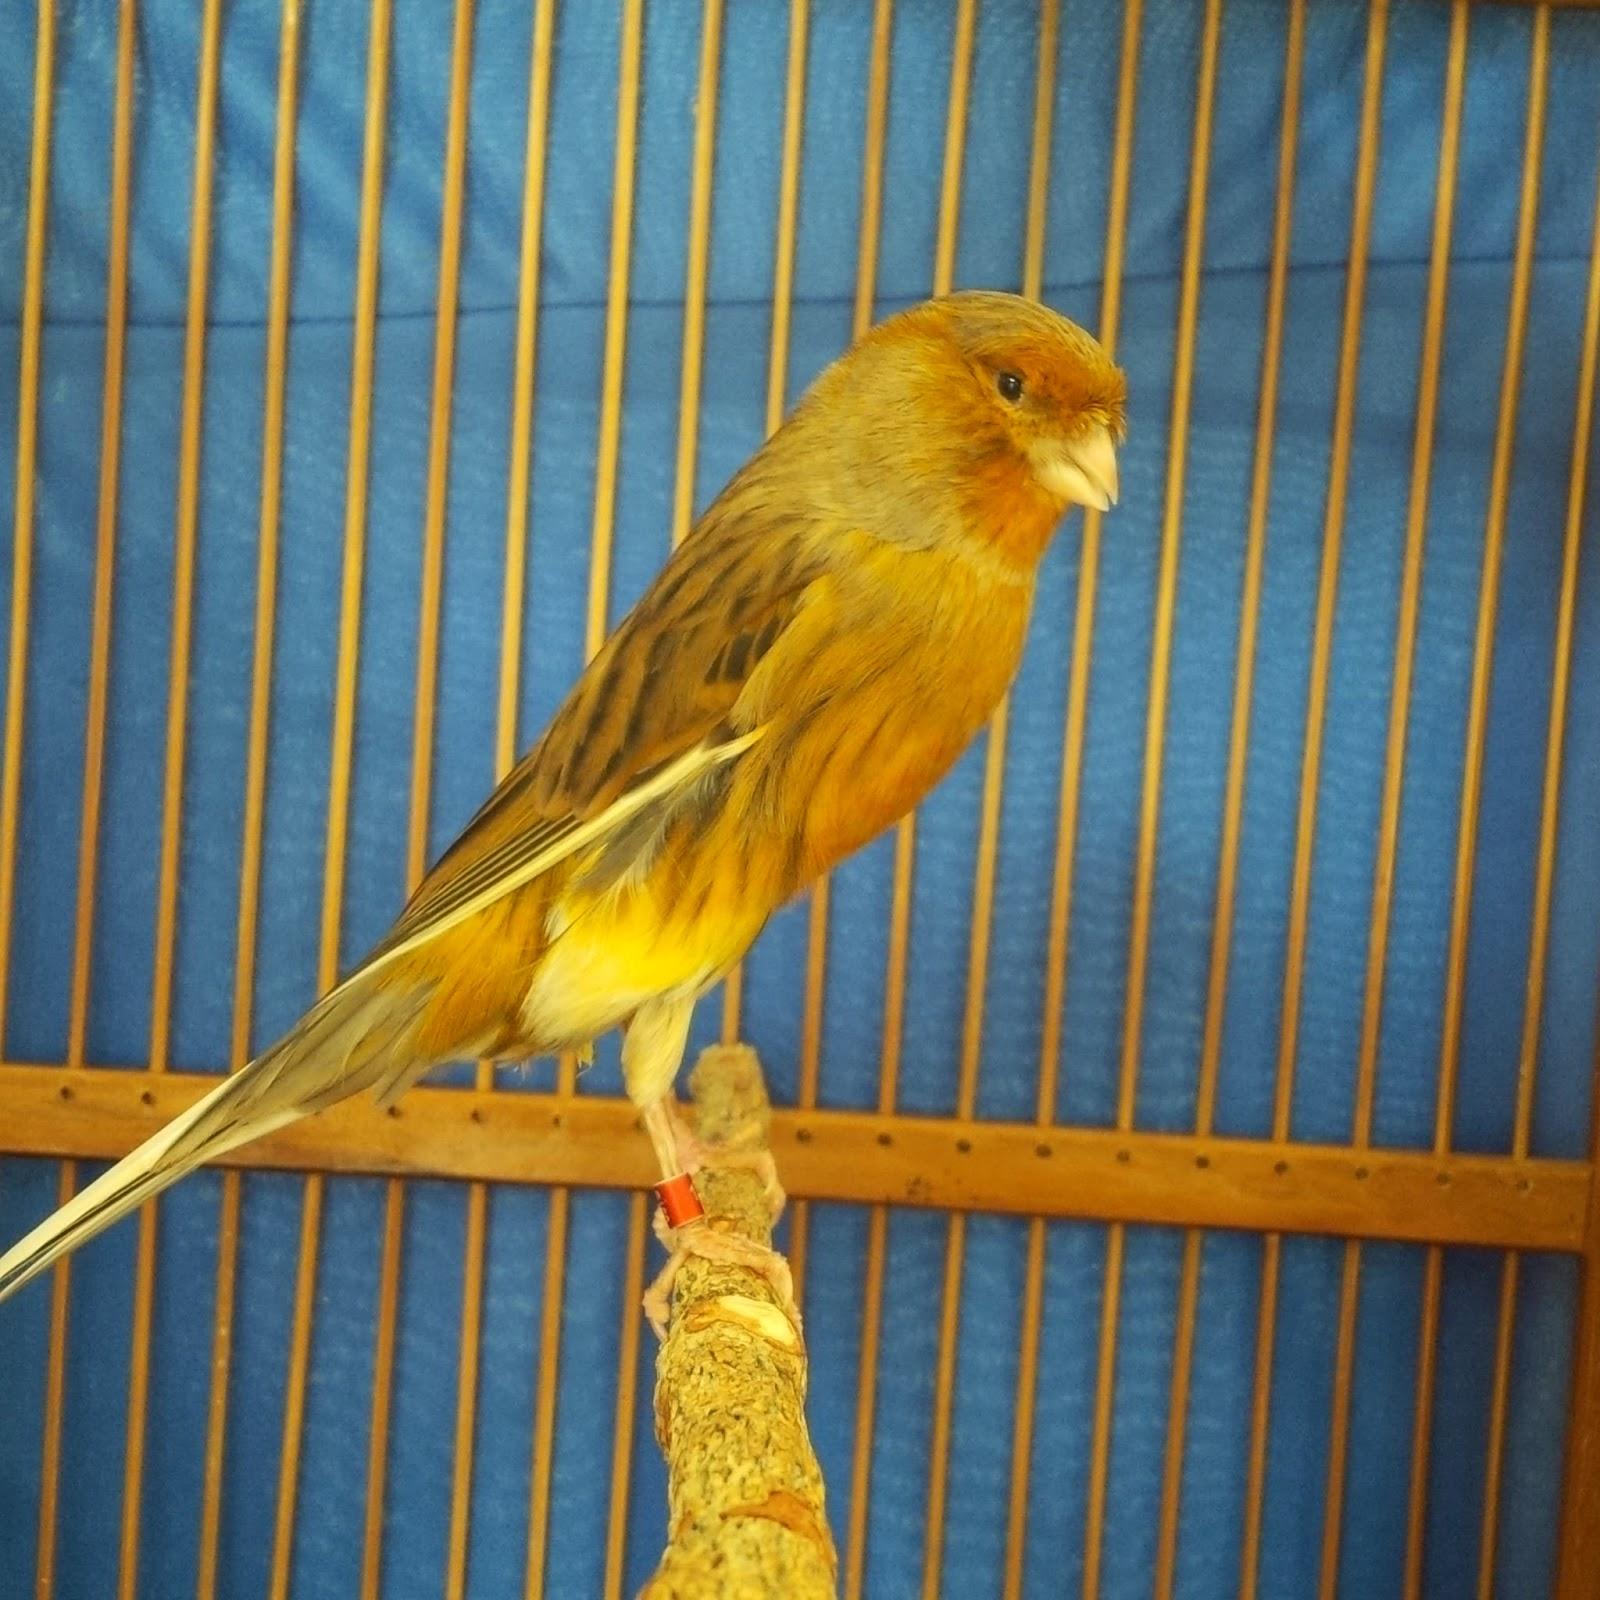 100 lebih gambar burung kenari yang ada di indonesia